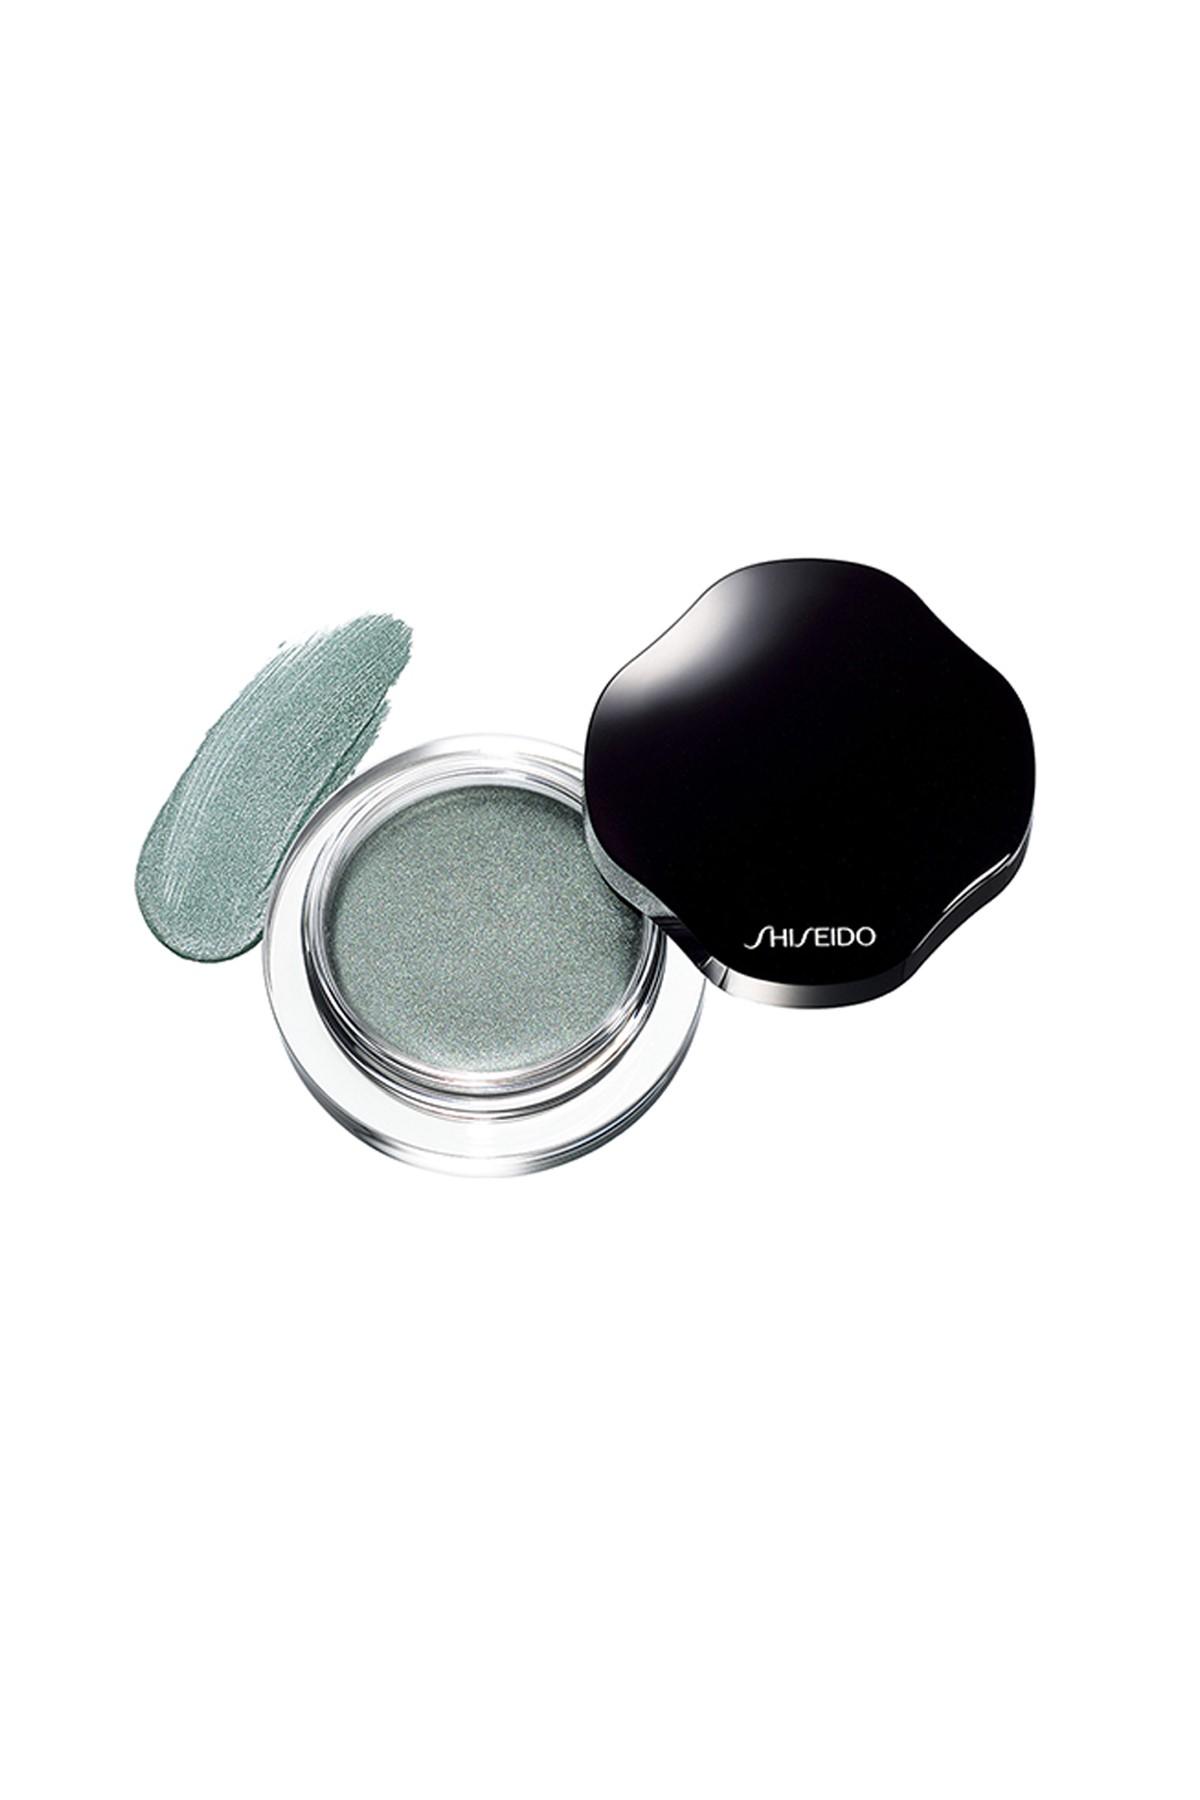 Shiseido Işıltılı Krem Göz Farı - Shimmering Cream Eye Color SV810 730852107953 1